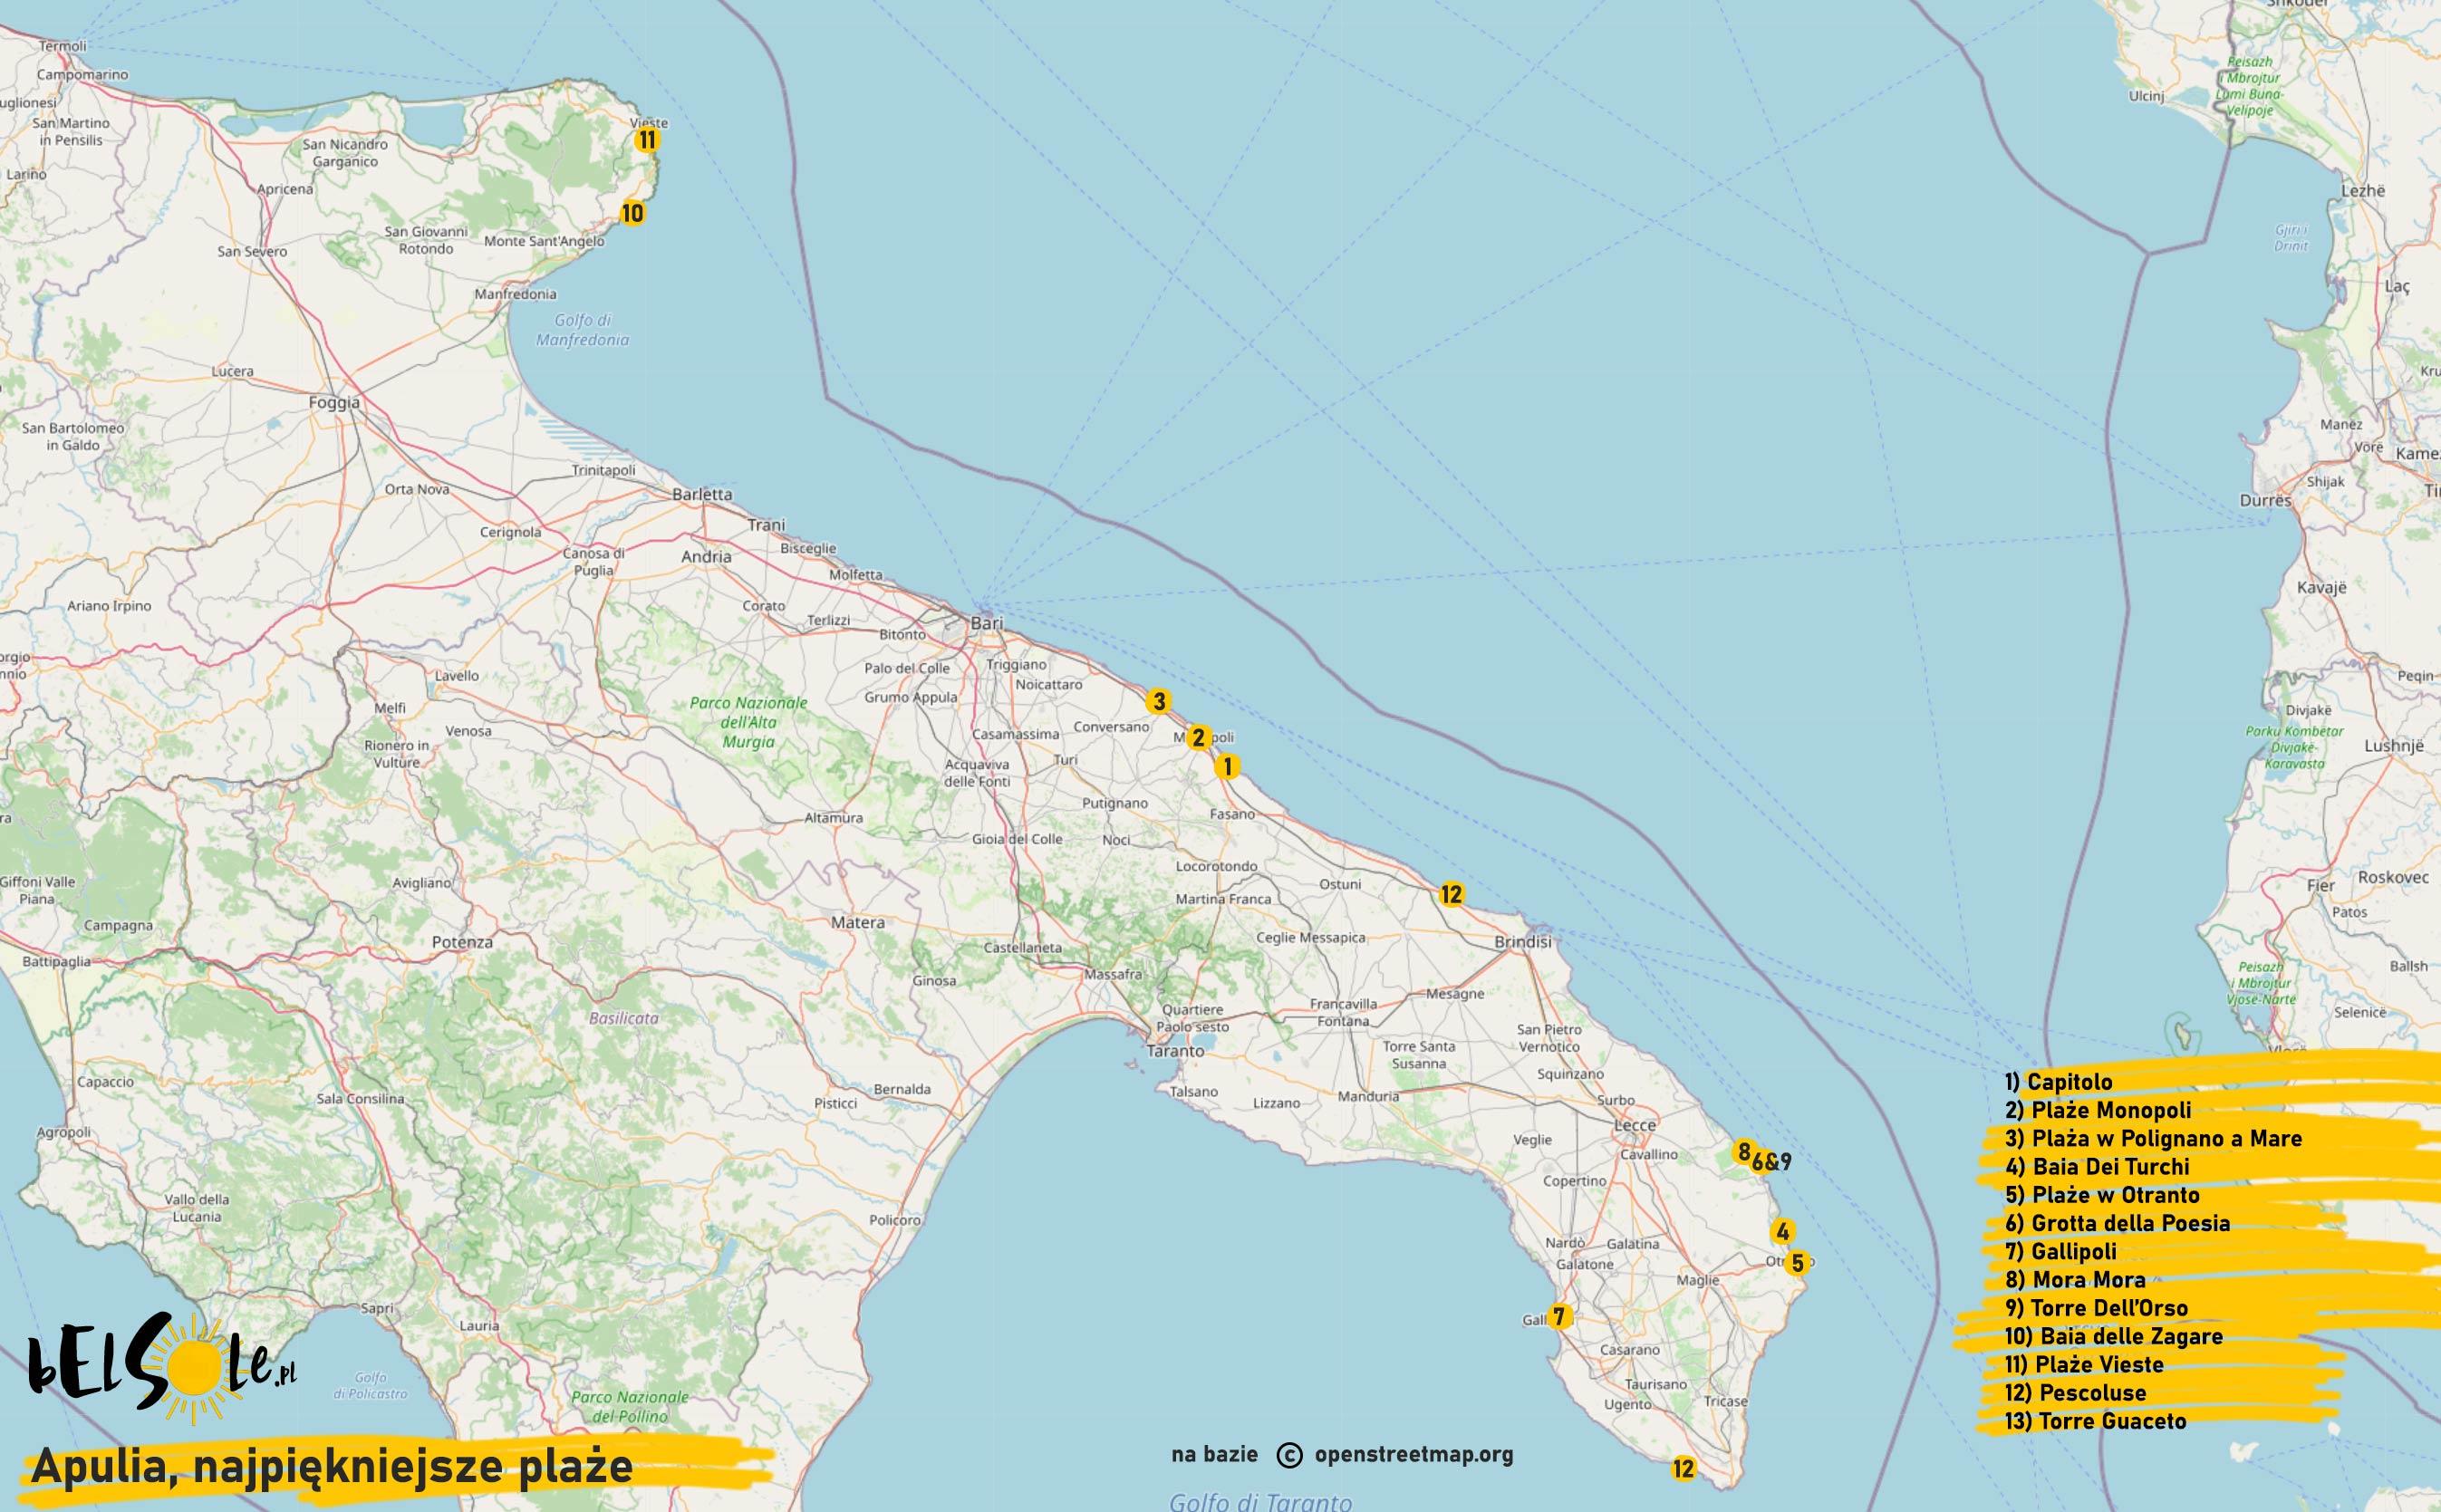 najpiekniejsze plaze Apulii